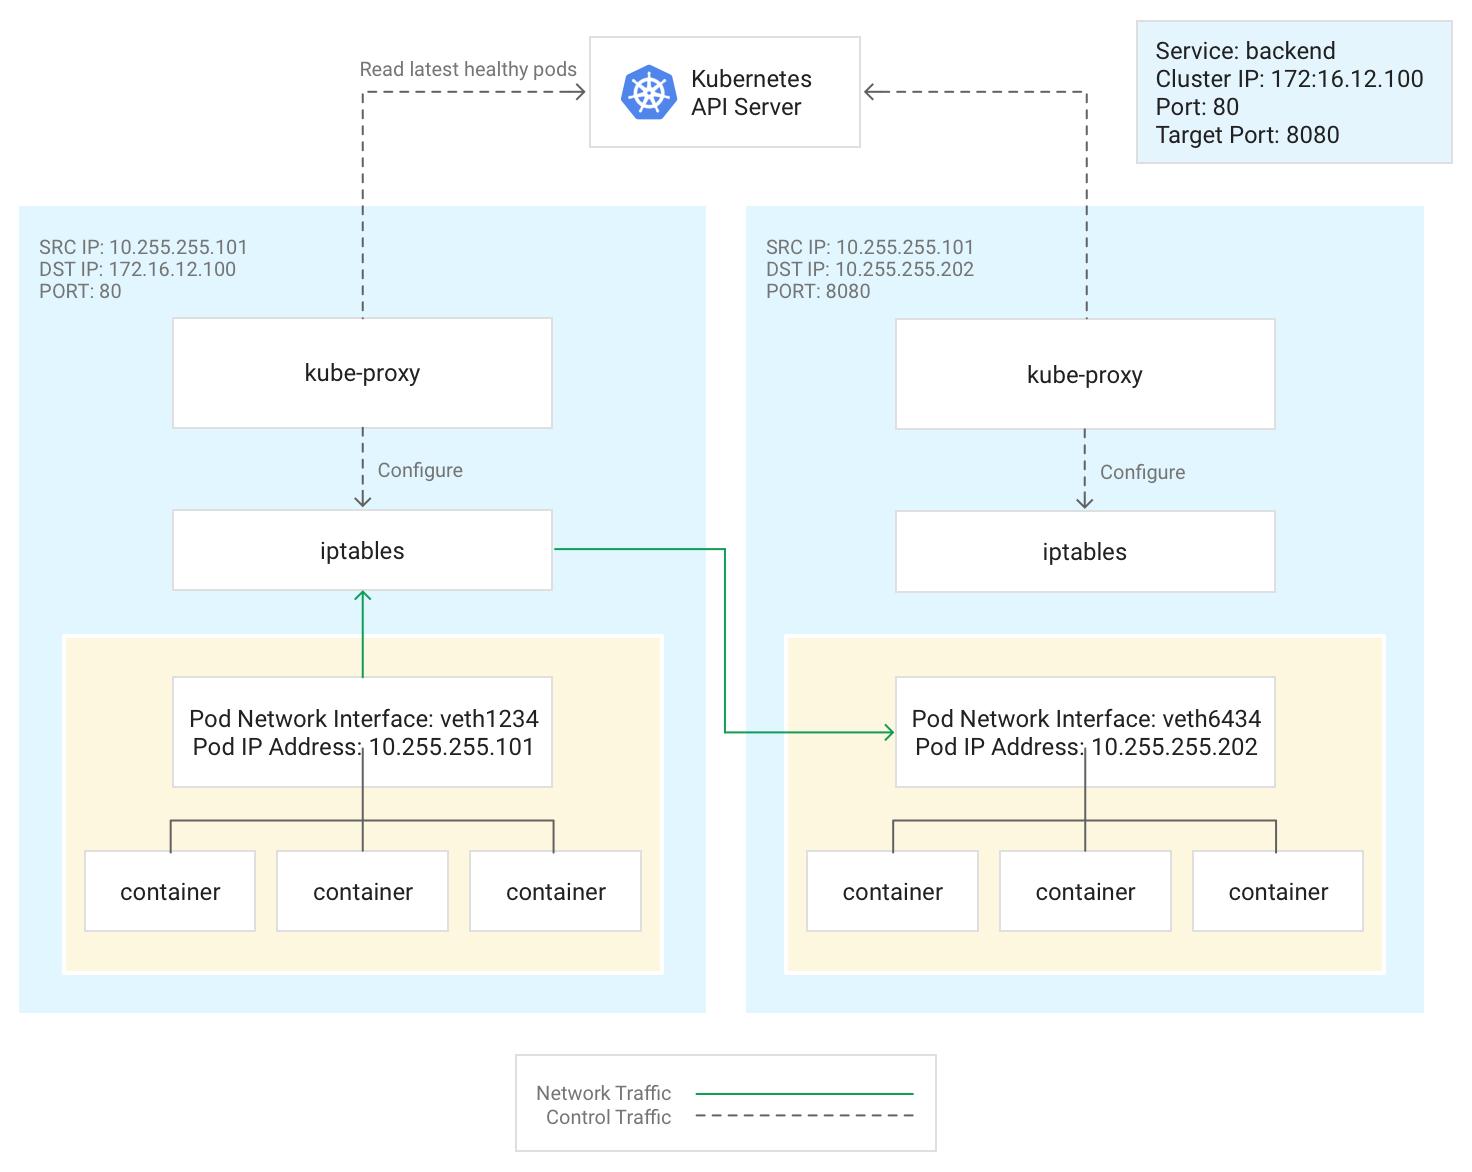 圖表說明之前段落所述,連線至 Service 並轉送至 Pod 的用戶端